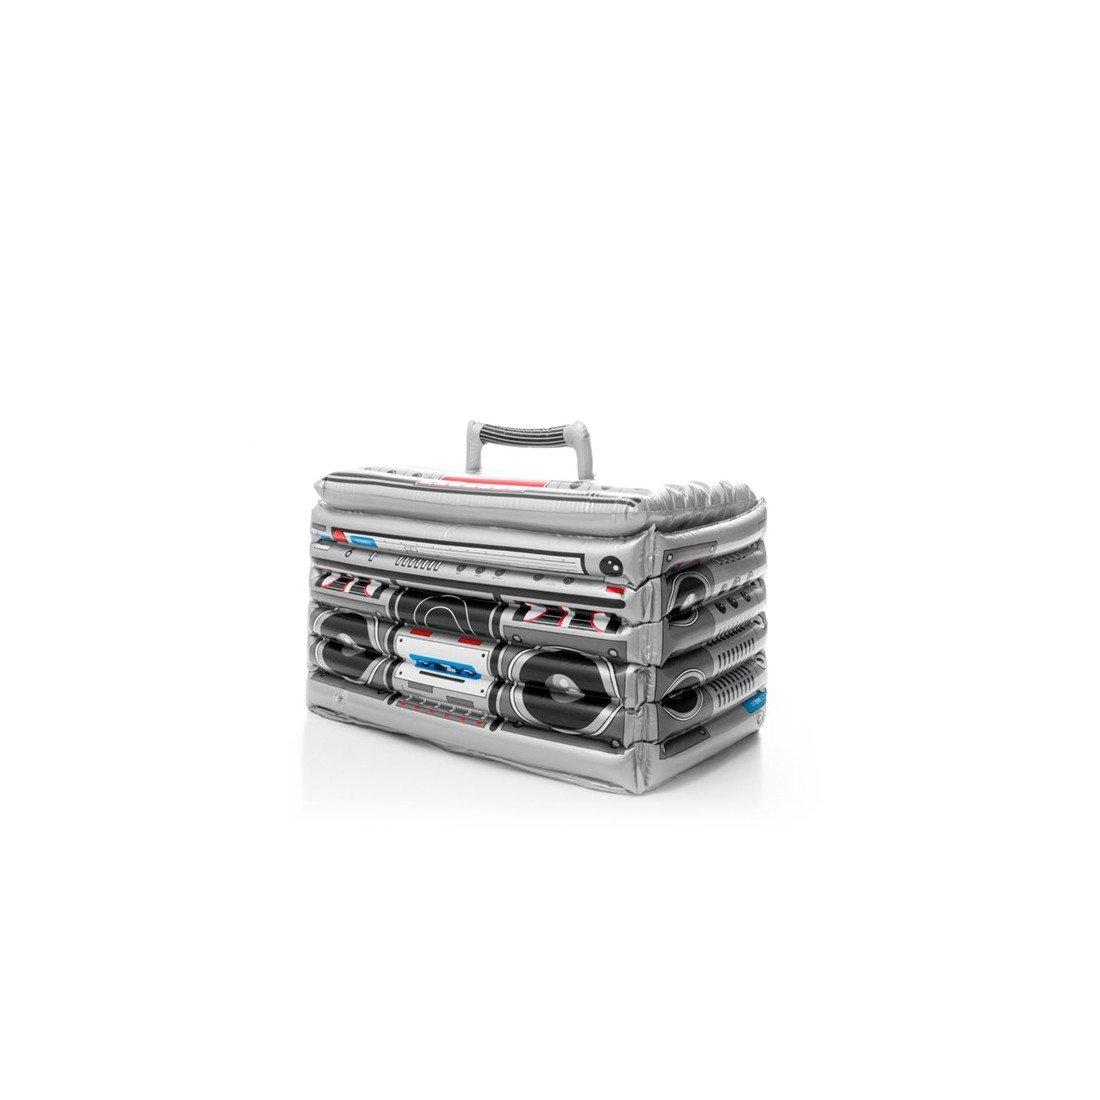 Nevera Hinchable Radio Retro Th3 Party: Amazon.es: Juguetes y juegos